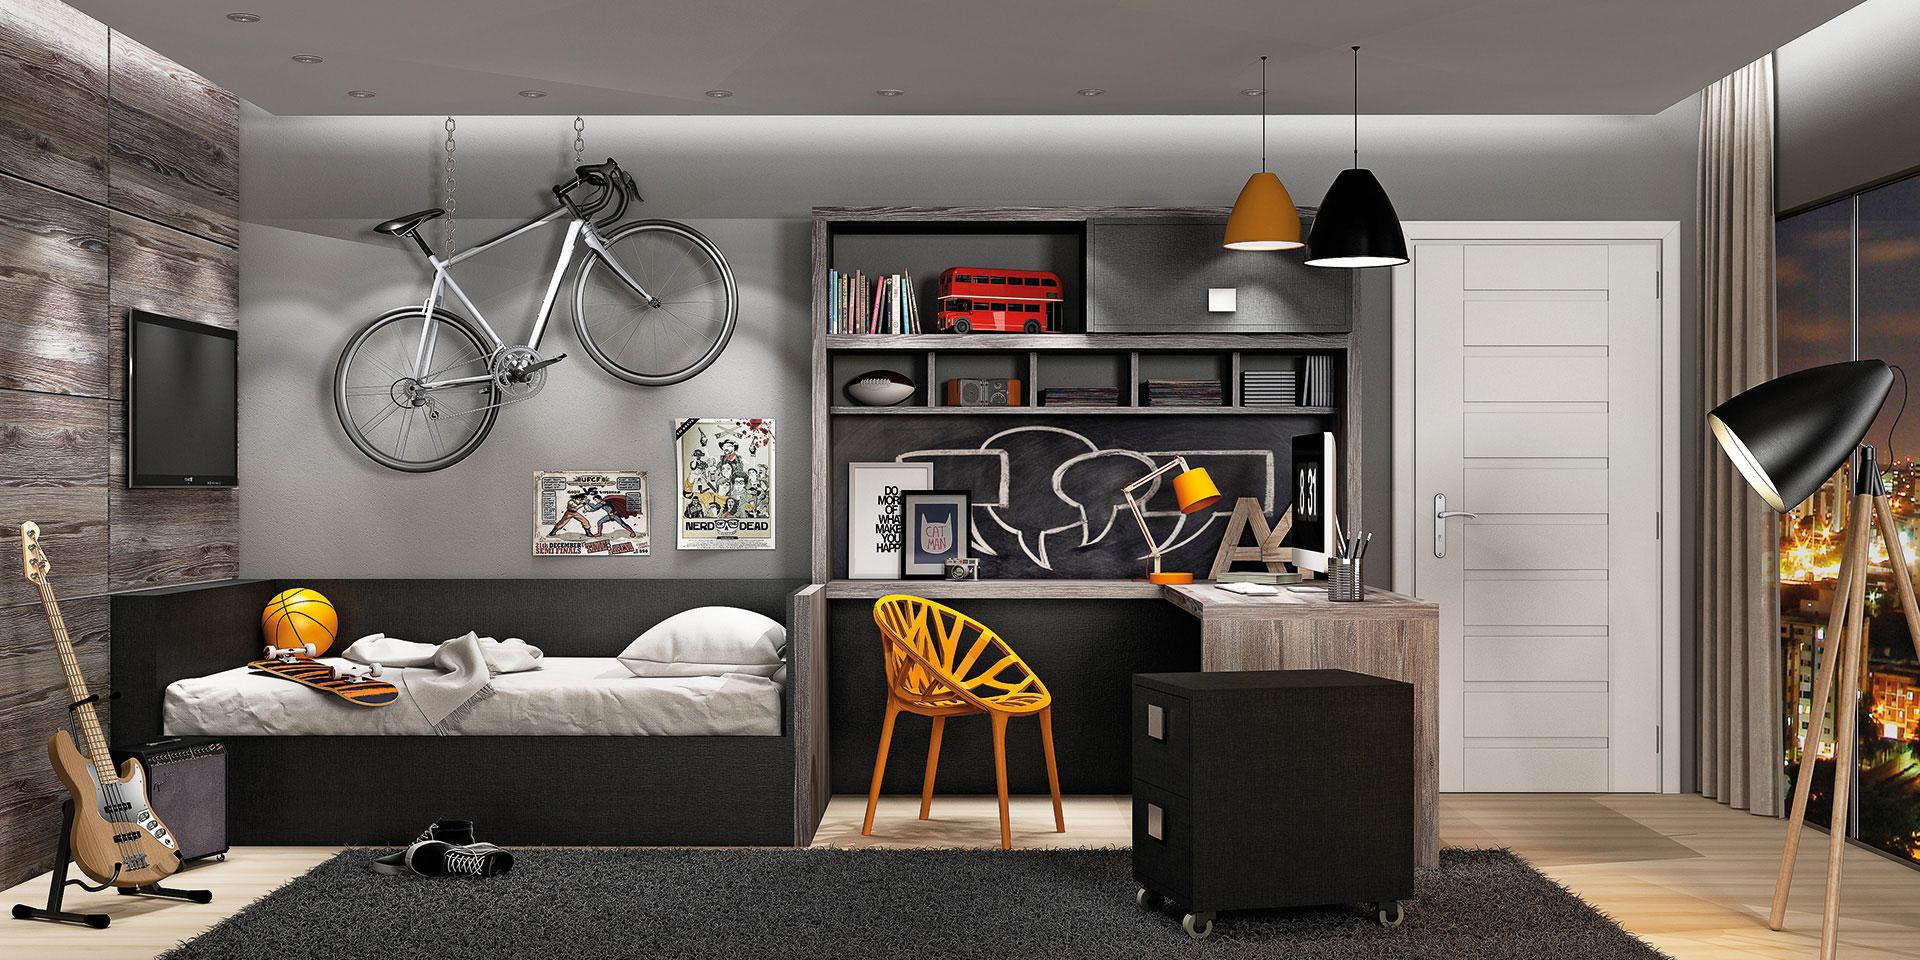 Chapas, tamponamento e bancada em Inovatta, cama e gaveteiro solto em Cobre